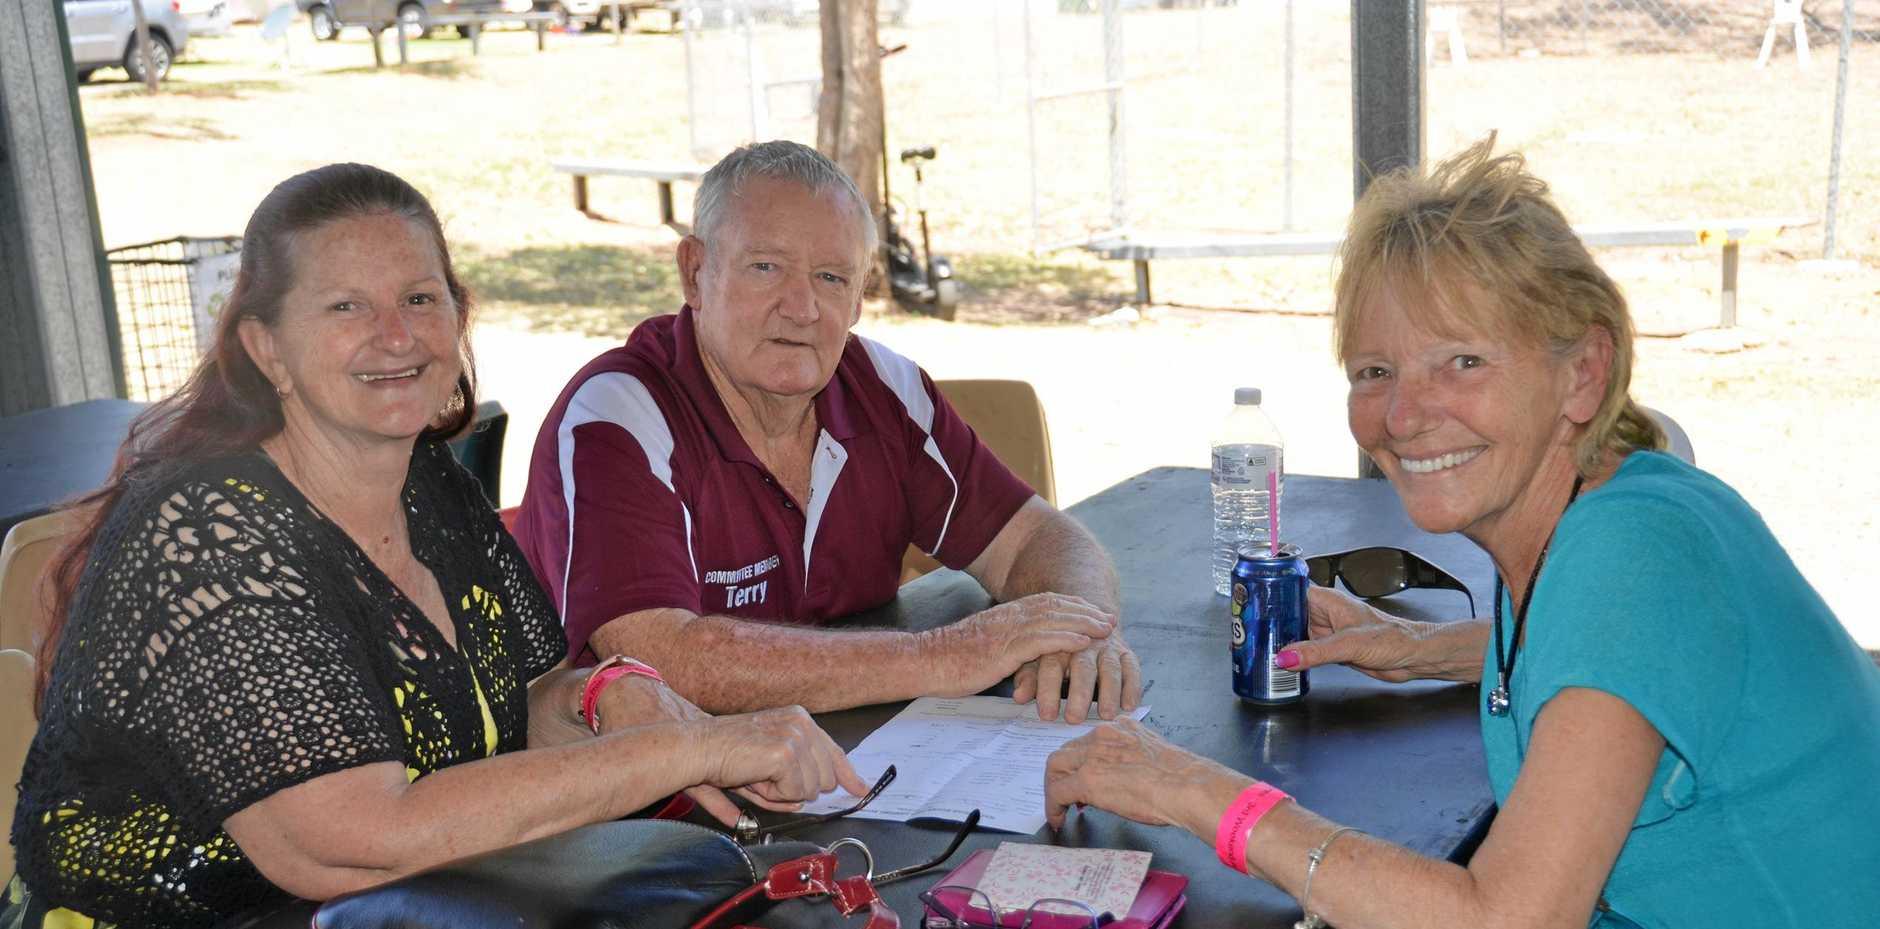 ROCKERS: Waterhole Rocks committee members Rhonda and Terry Mackrell with Sue Osberg.